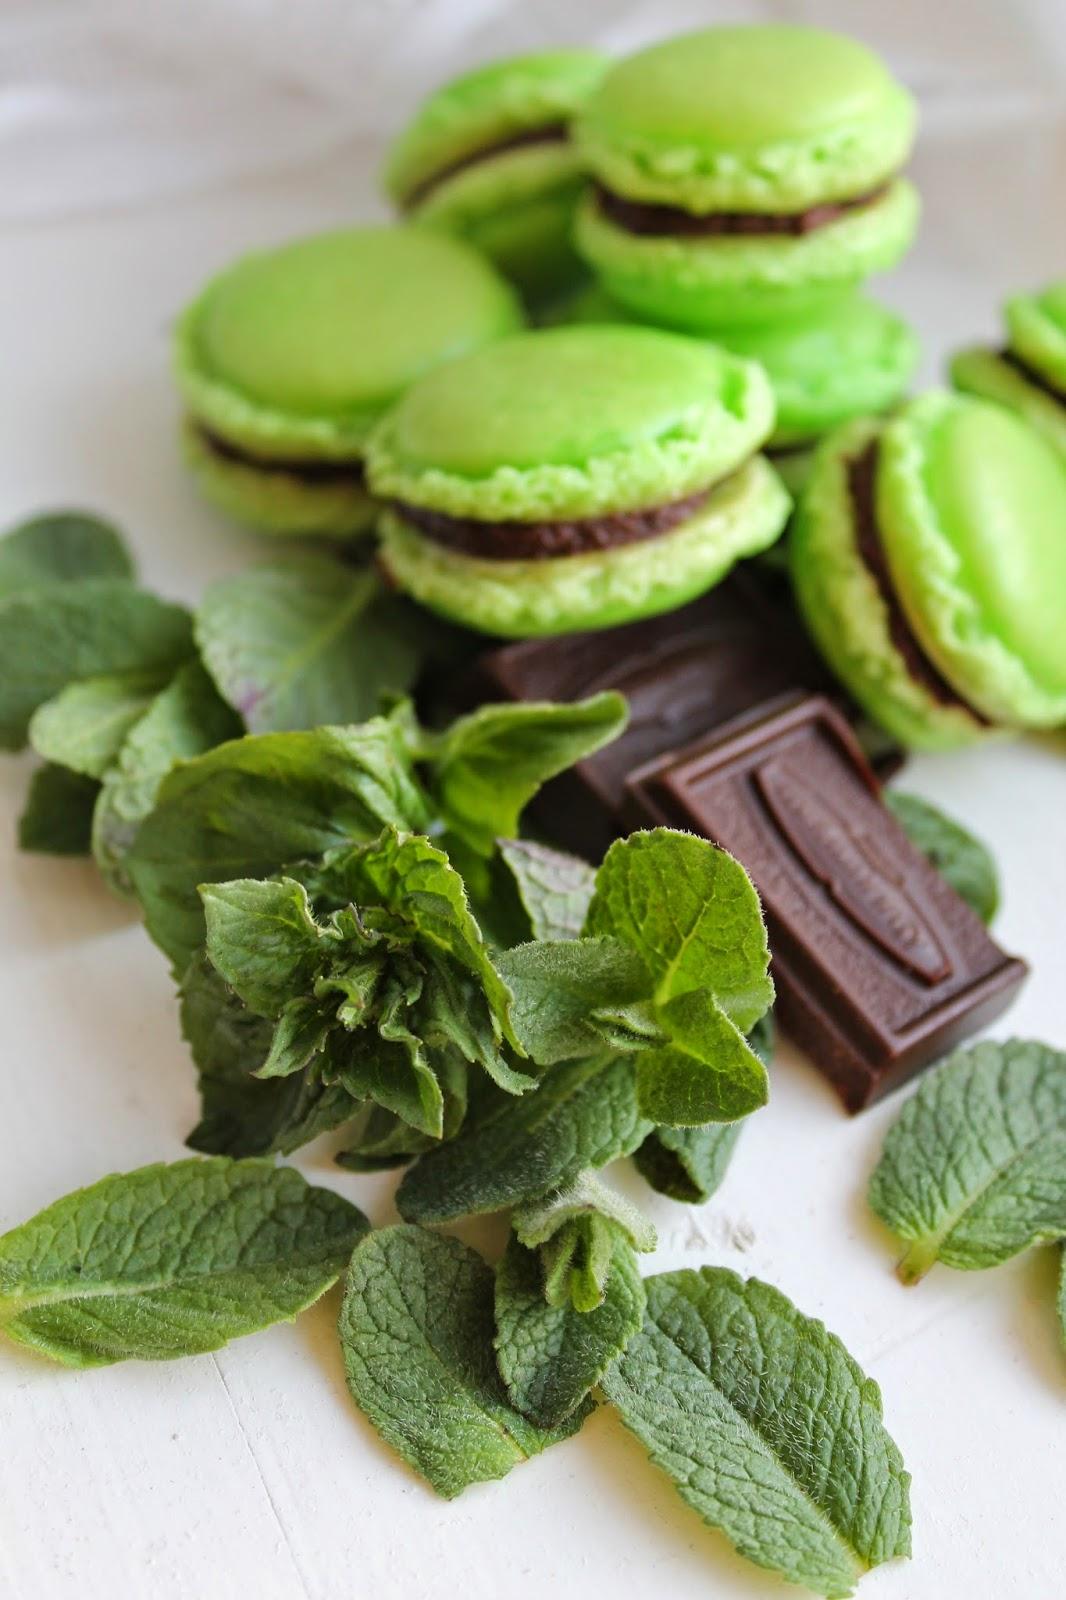 мятный вид и кусочек шоколадки